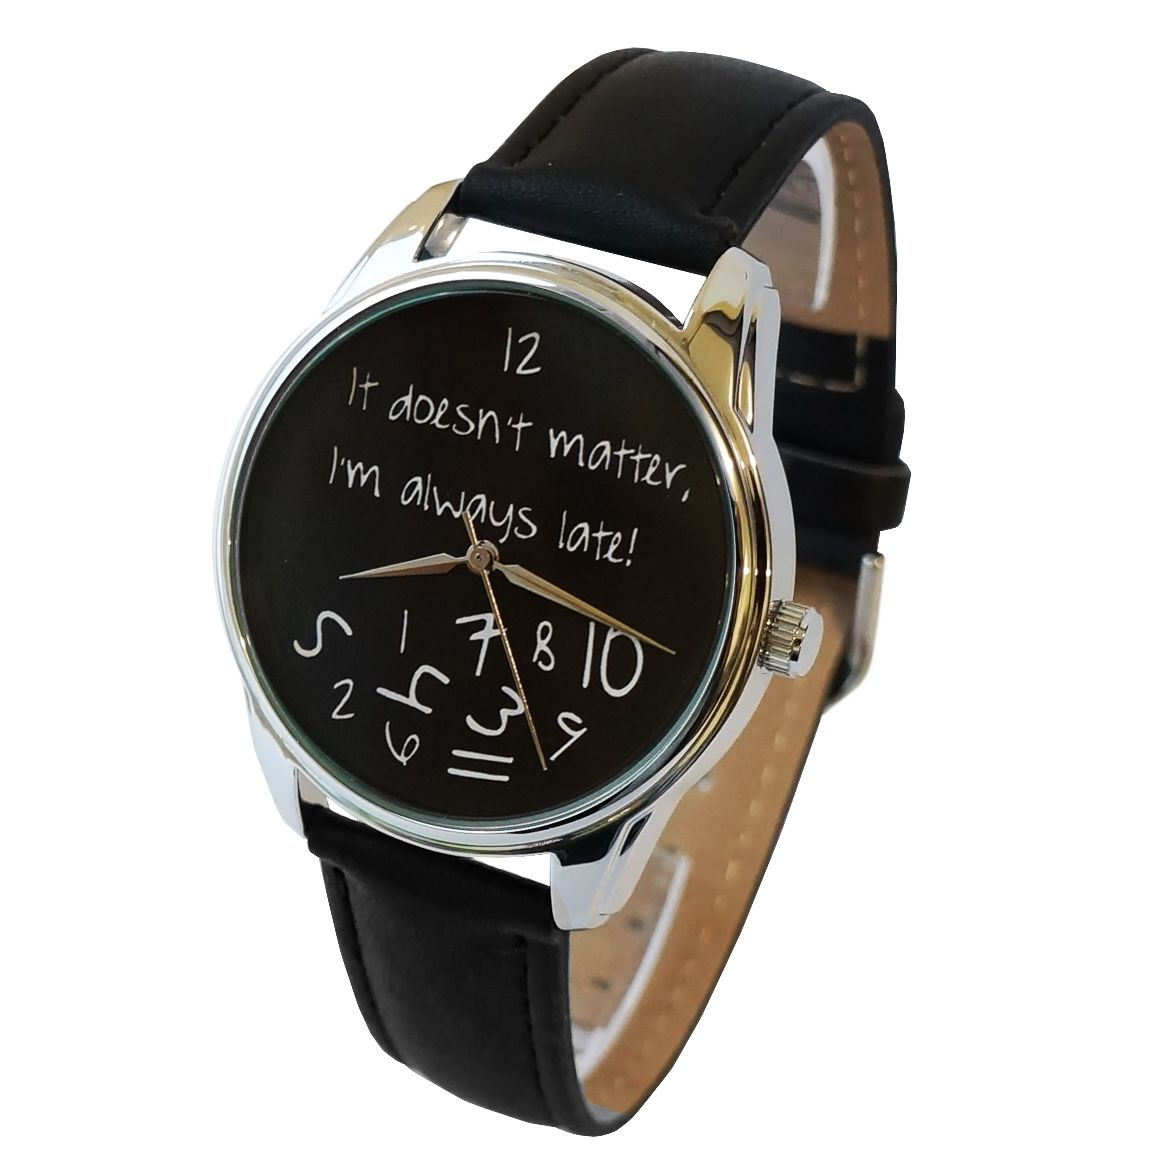 'It doesn't matter, I'm always late!' Wristwatch - Black   ZIZ iz TIME